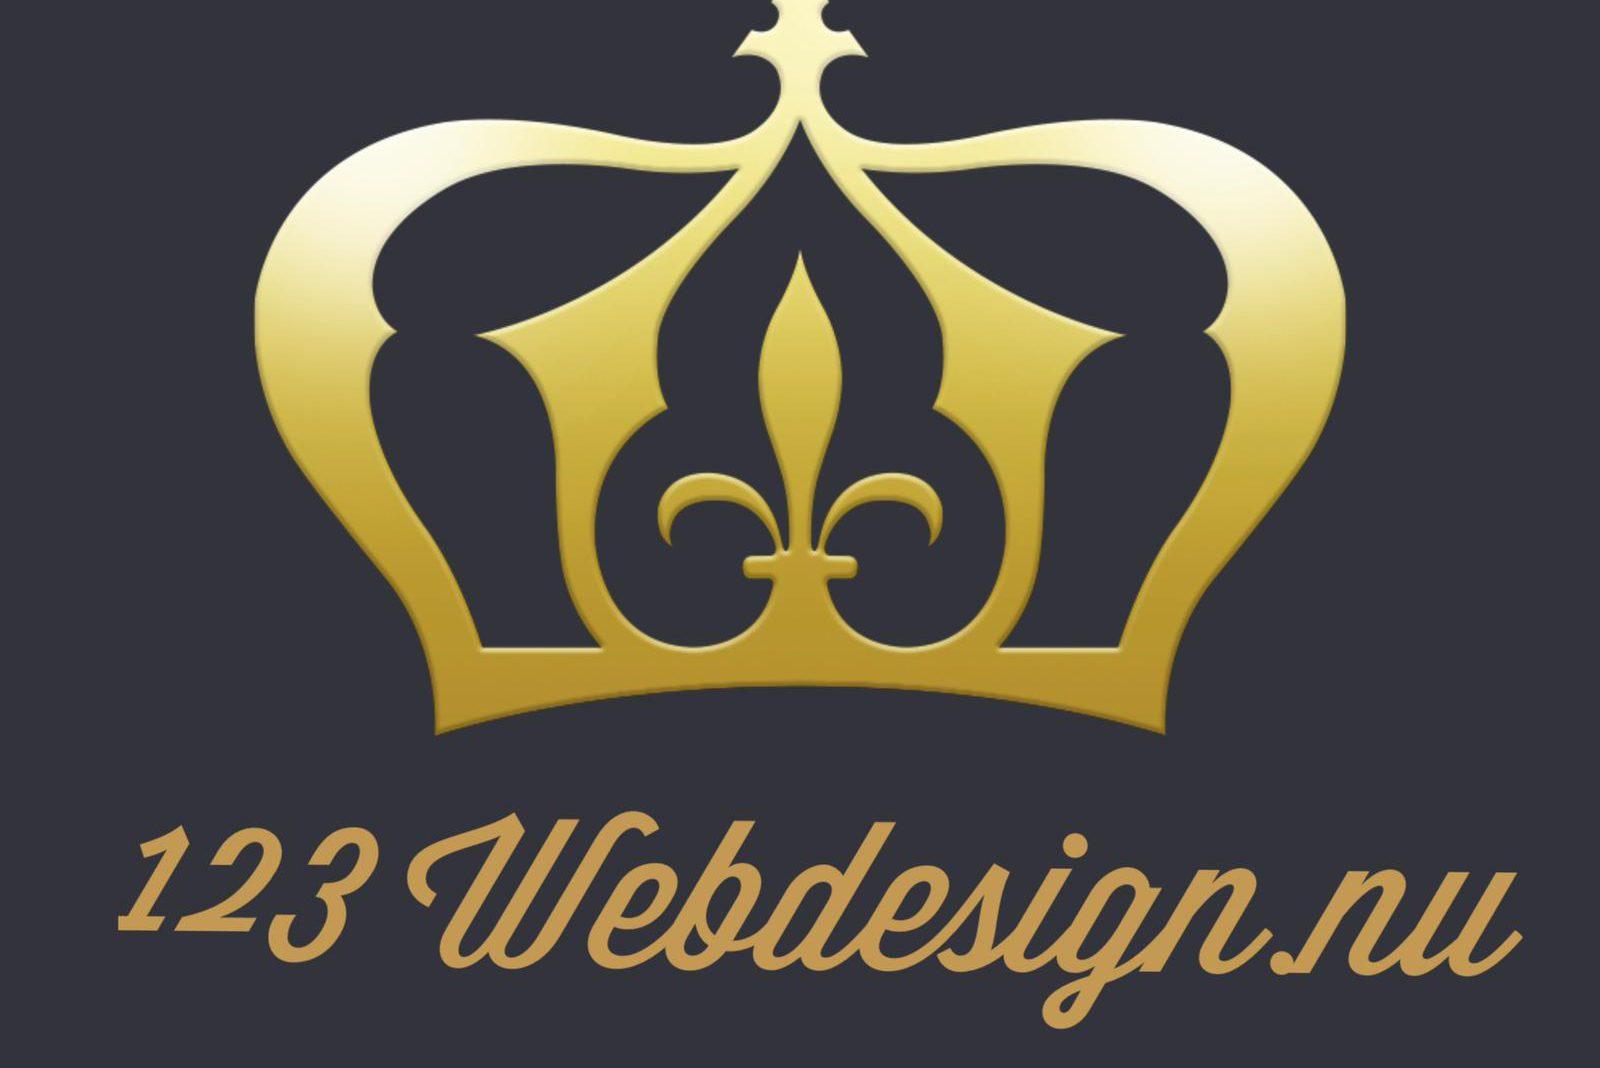 123webdesign.nu